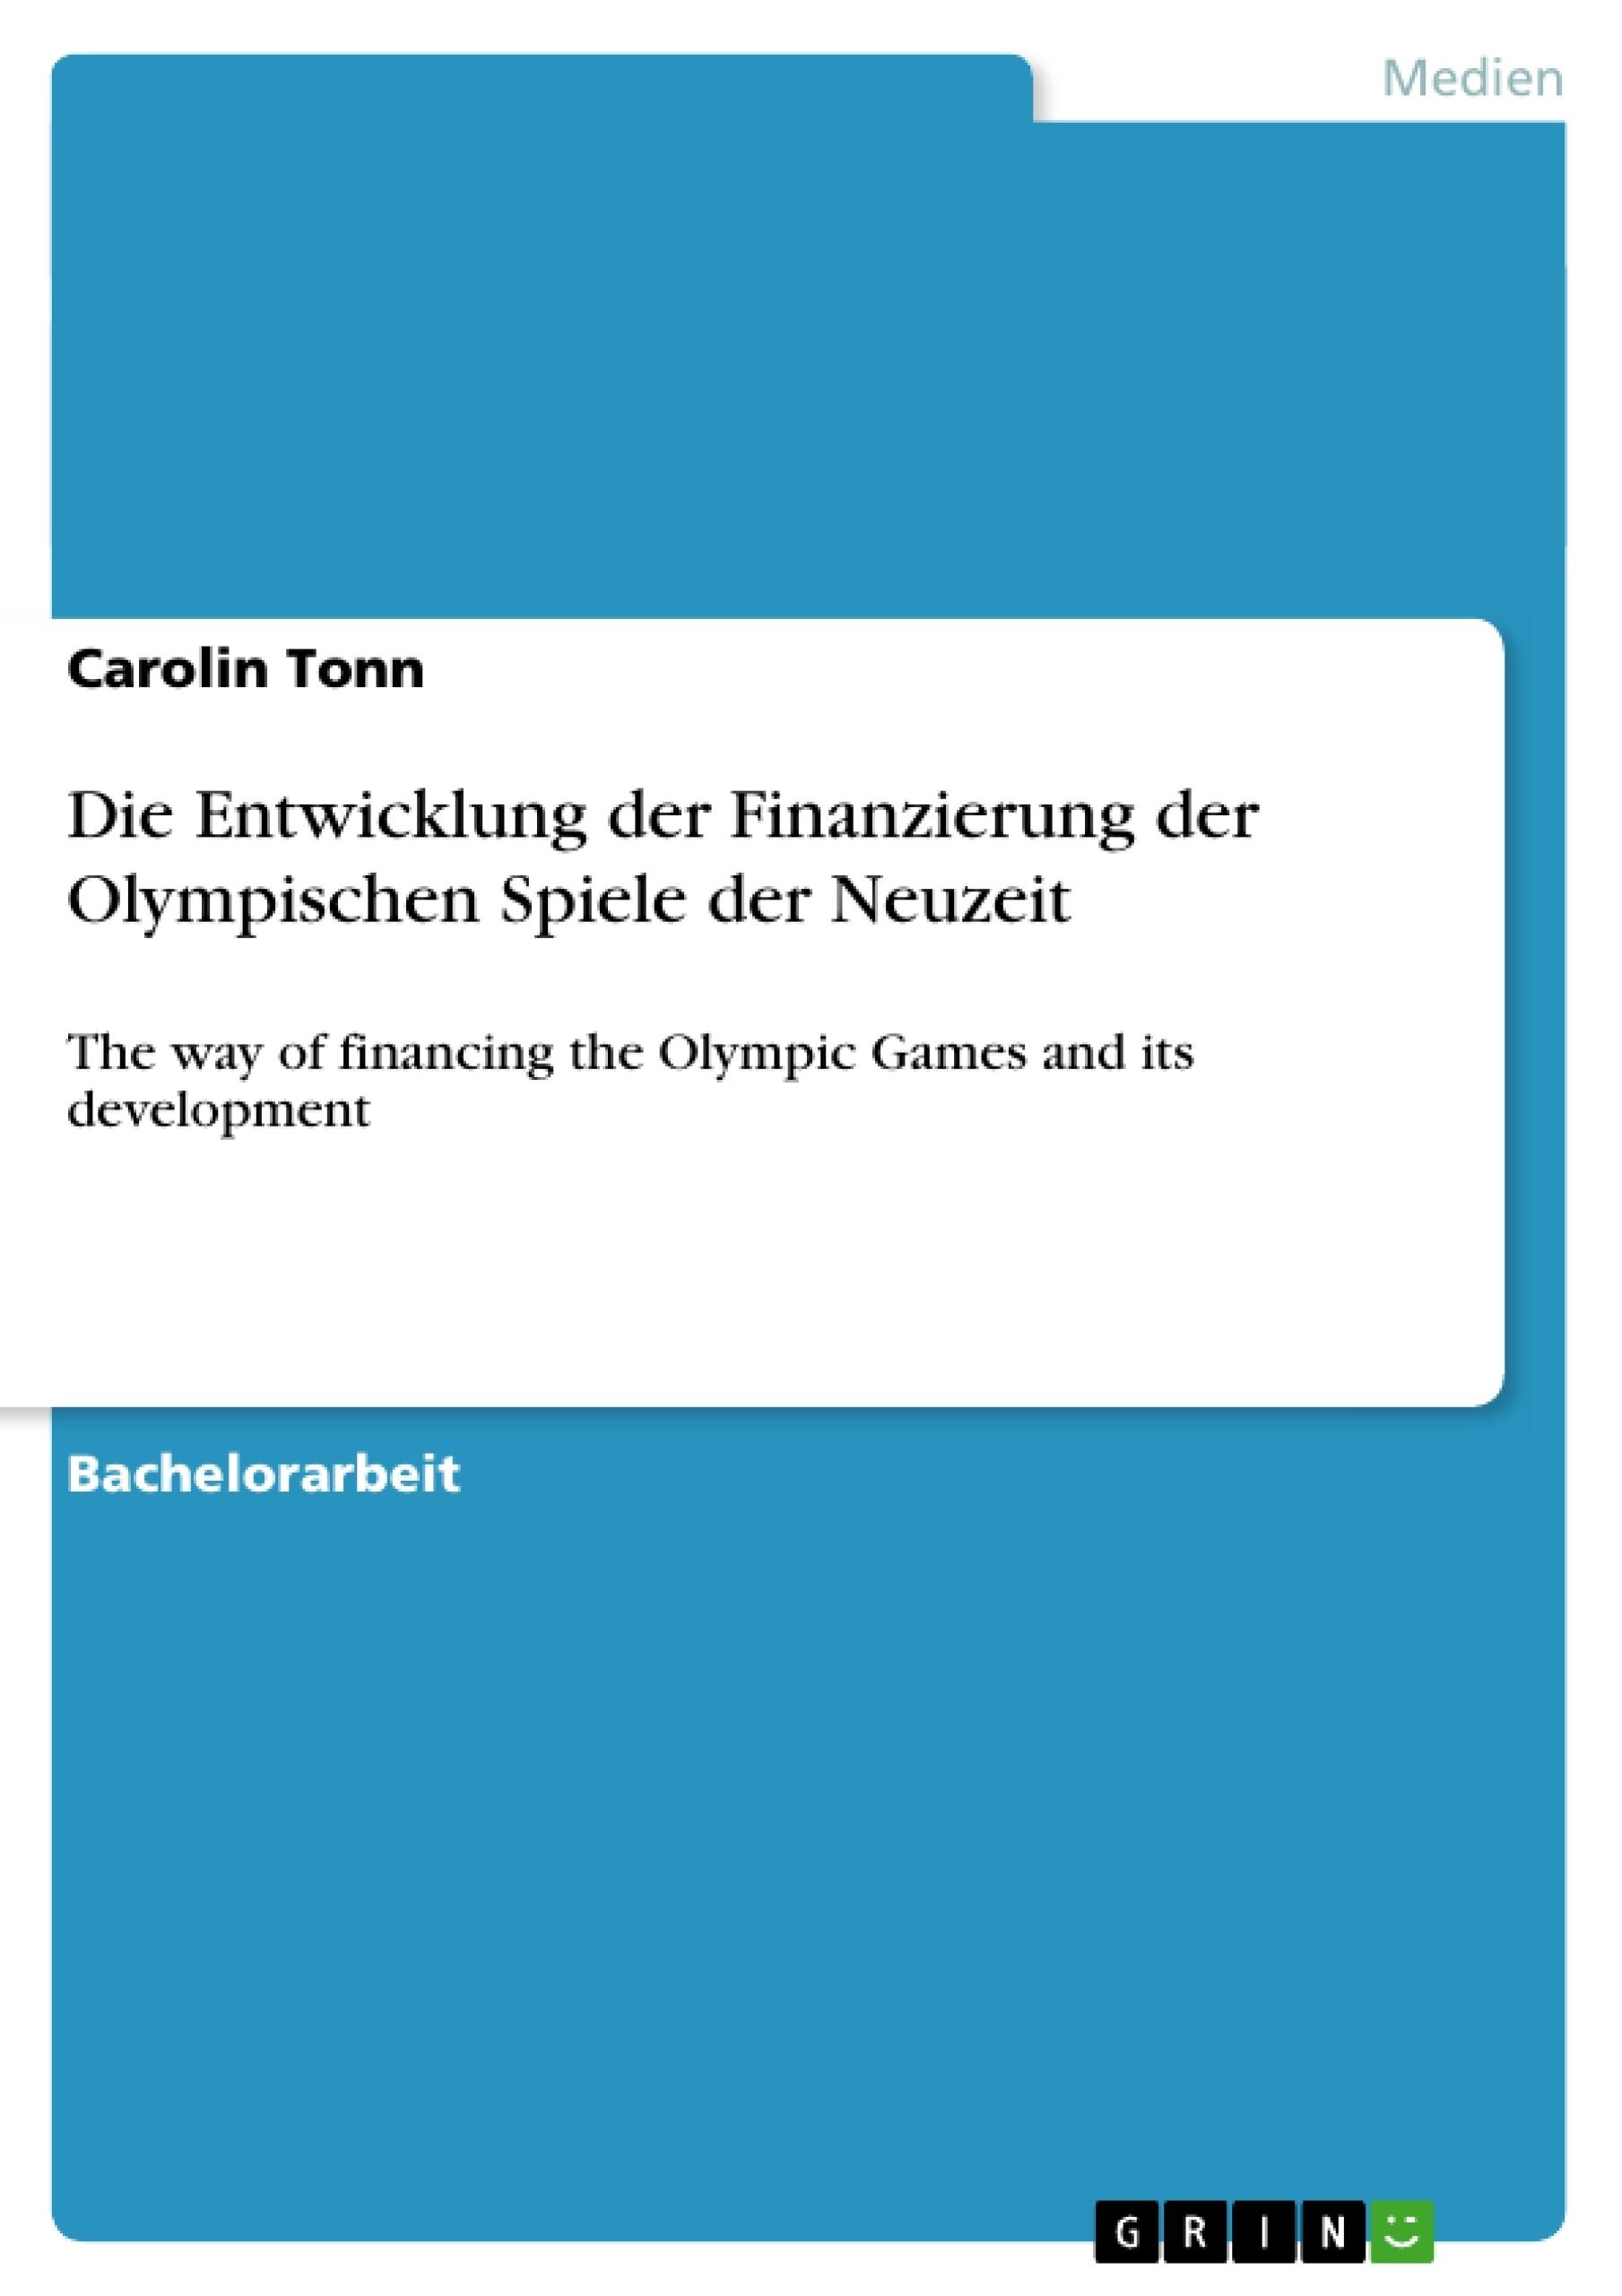 Titel: Die Entwicklung der Finanzierung der Olympischen Spiele der Neuzeit